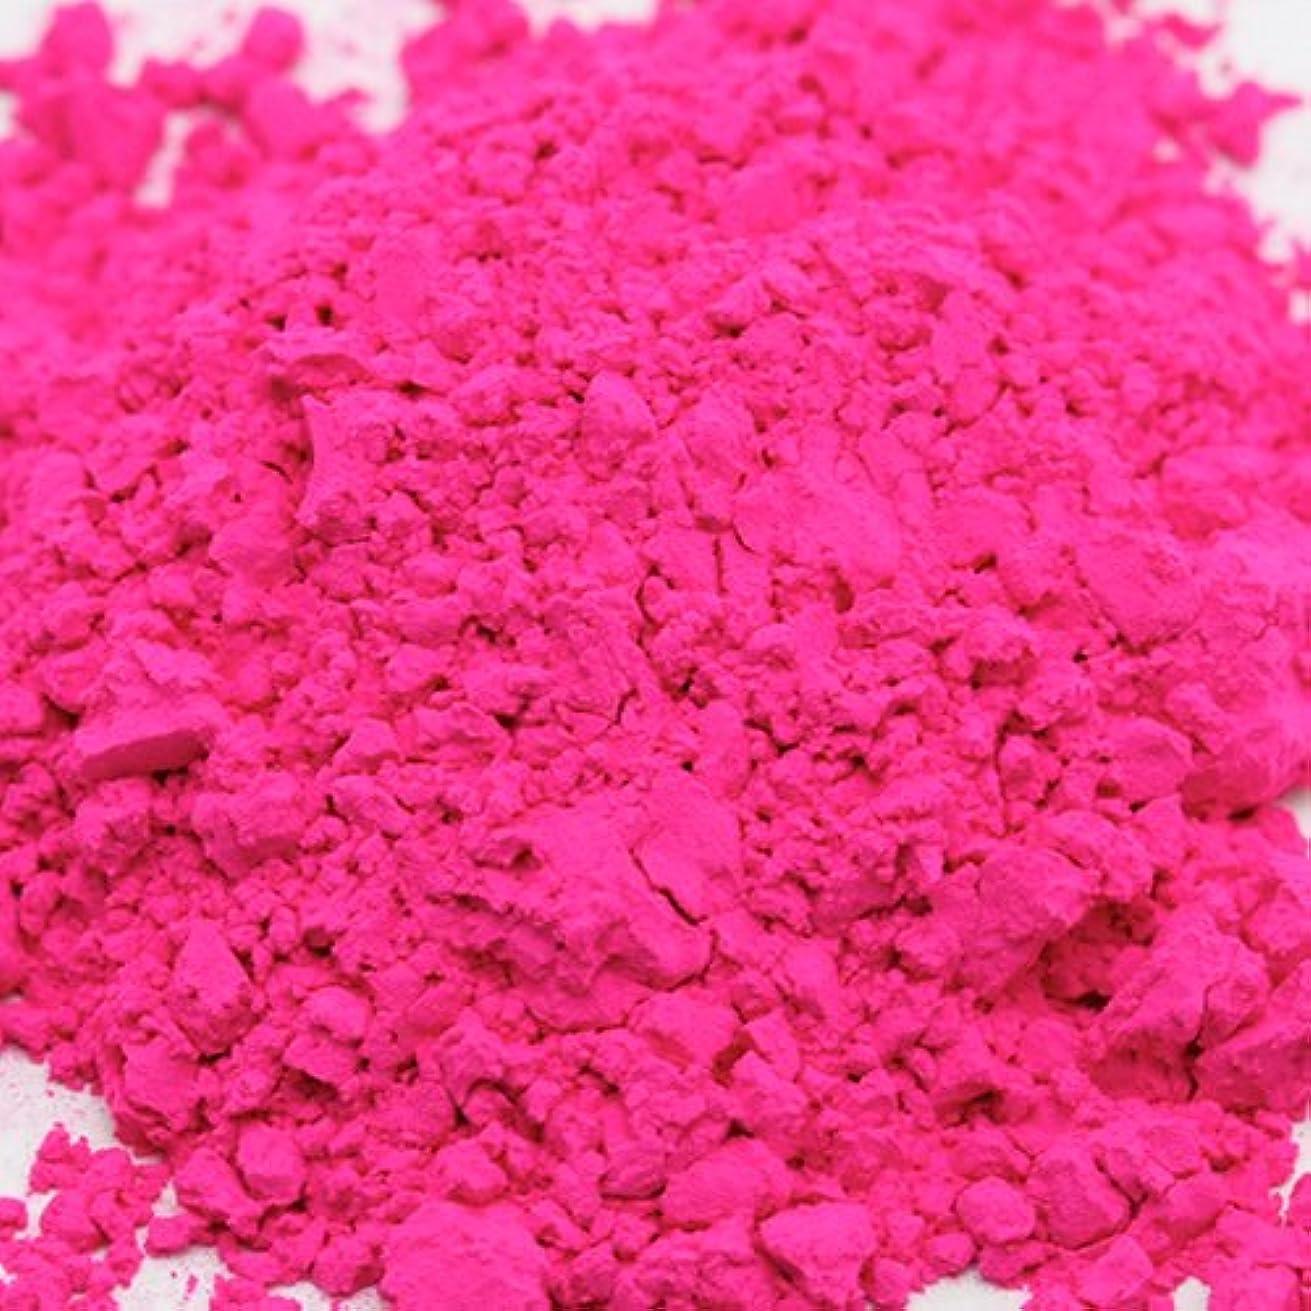 本物メッセンジャーそばにキャンディカラー ピンク 5g 【手作り石鹸/手作りコスメ/色付け/カラーラント】